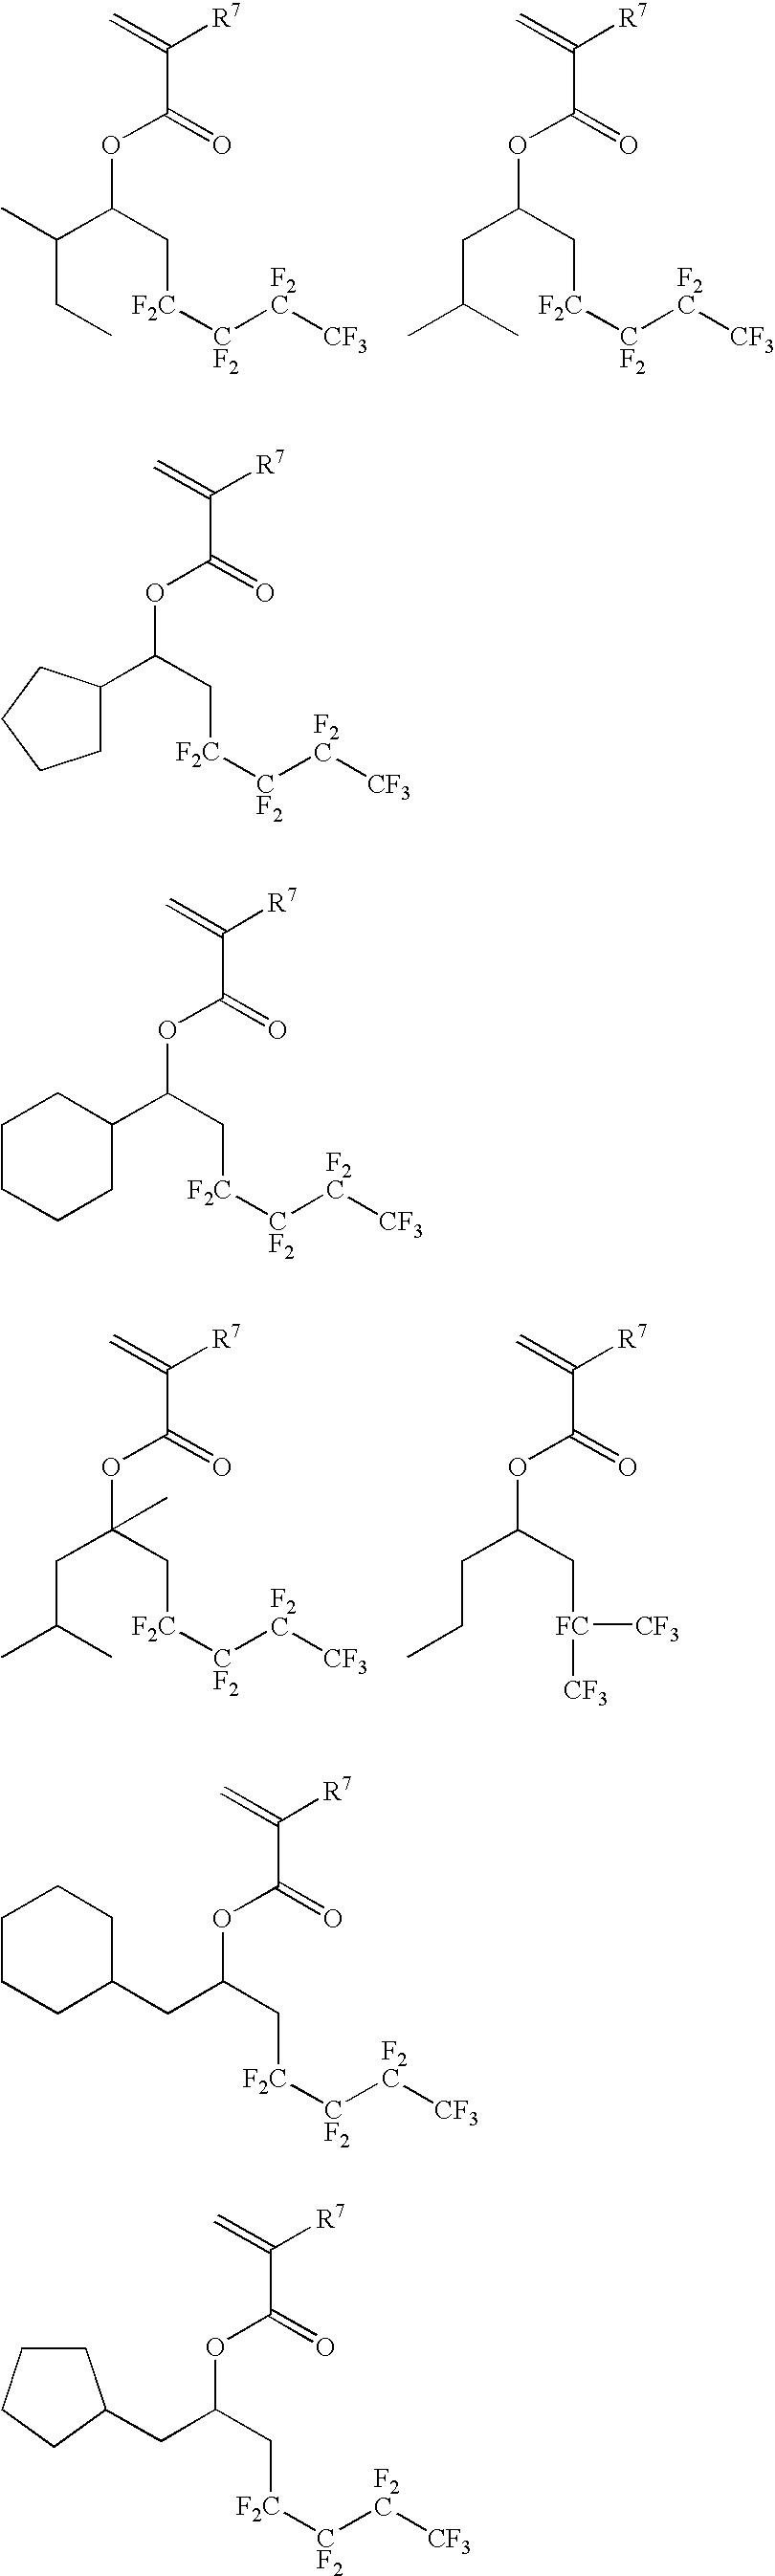 Figure US20090011365A1-20090108-C00017